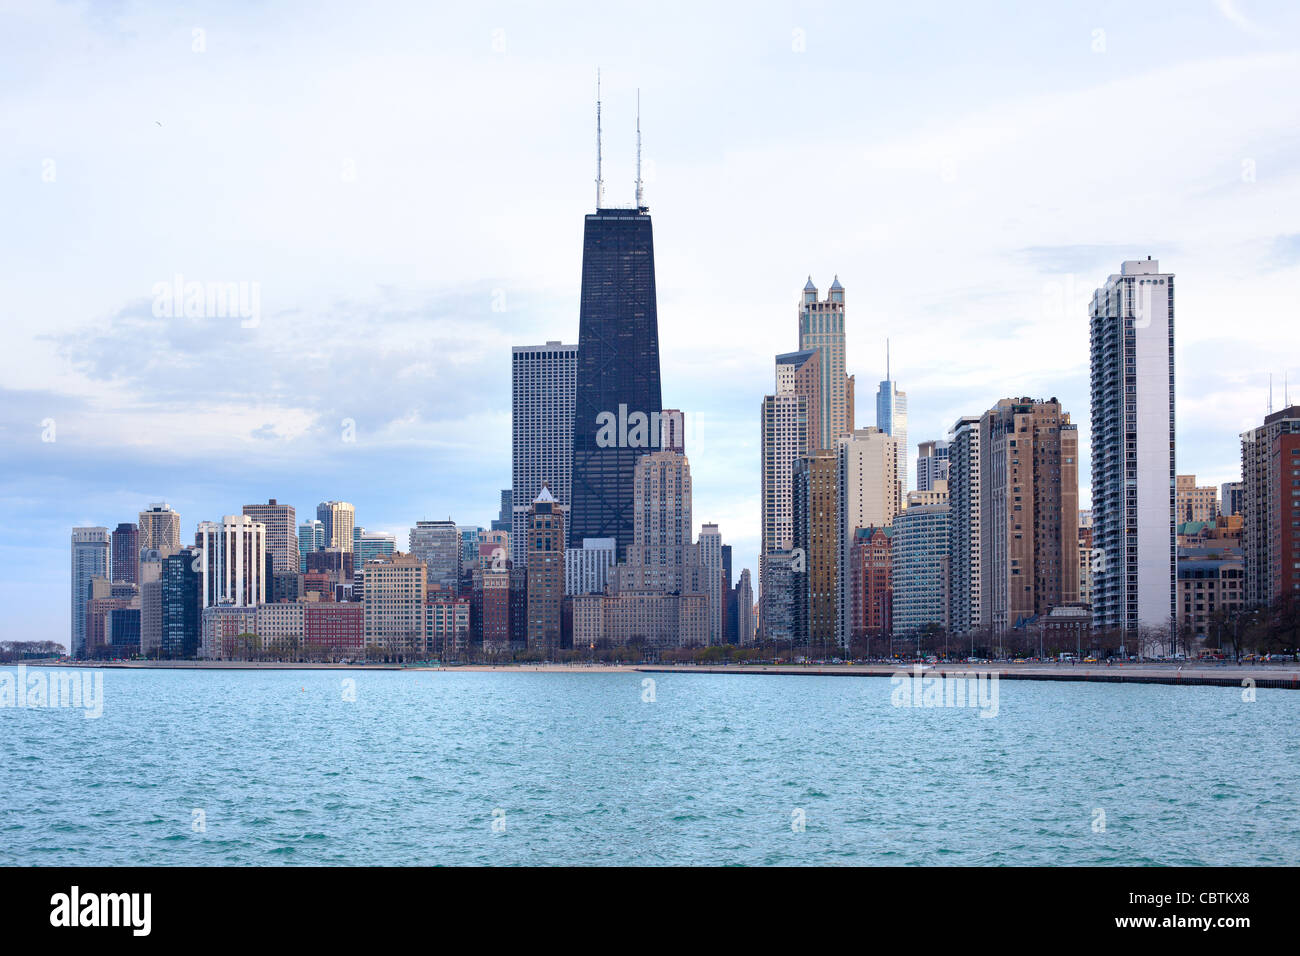 Le centre-ville, Chicago, Illinois, États-Unis Photo Stock